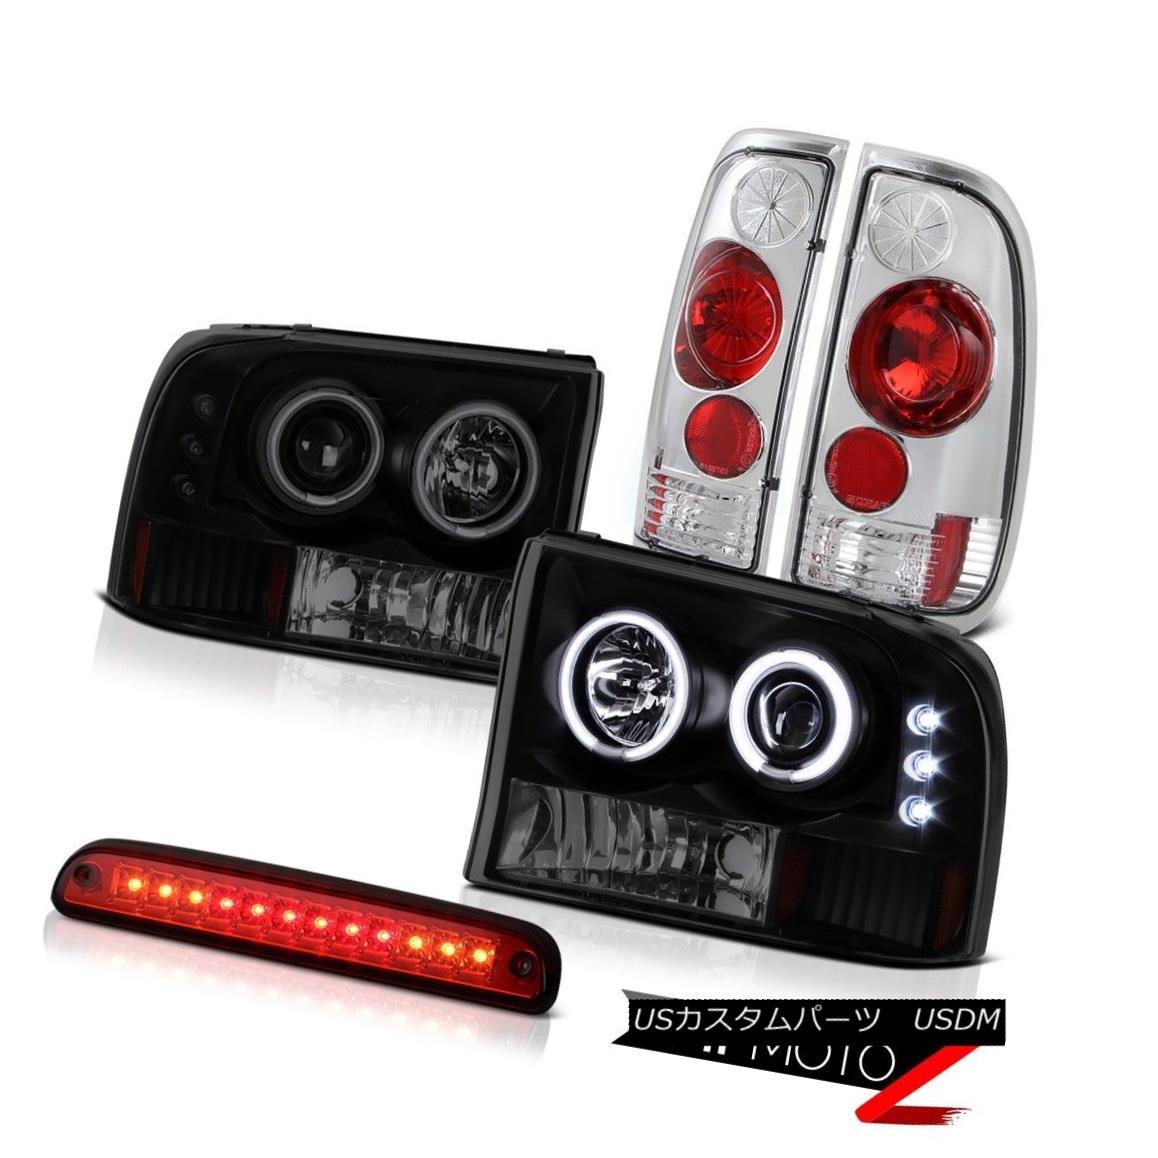 テールライト Angel Eye Headlights 3rd Brake Red LED Clear Tail Light 1999-2004 Ford F350 SD エンジェルアイヘッドライト第3ブレーキ赤LEDクリアテールライト1999-2004 Ford F350 SD